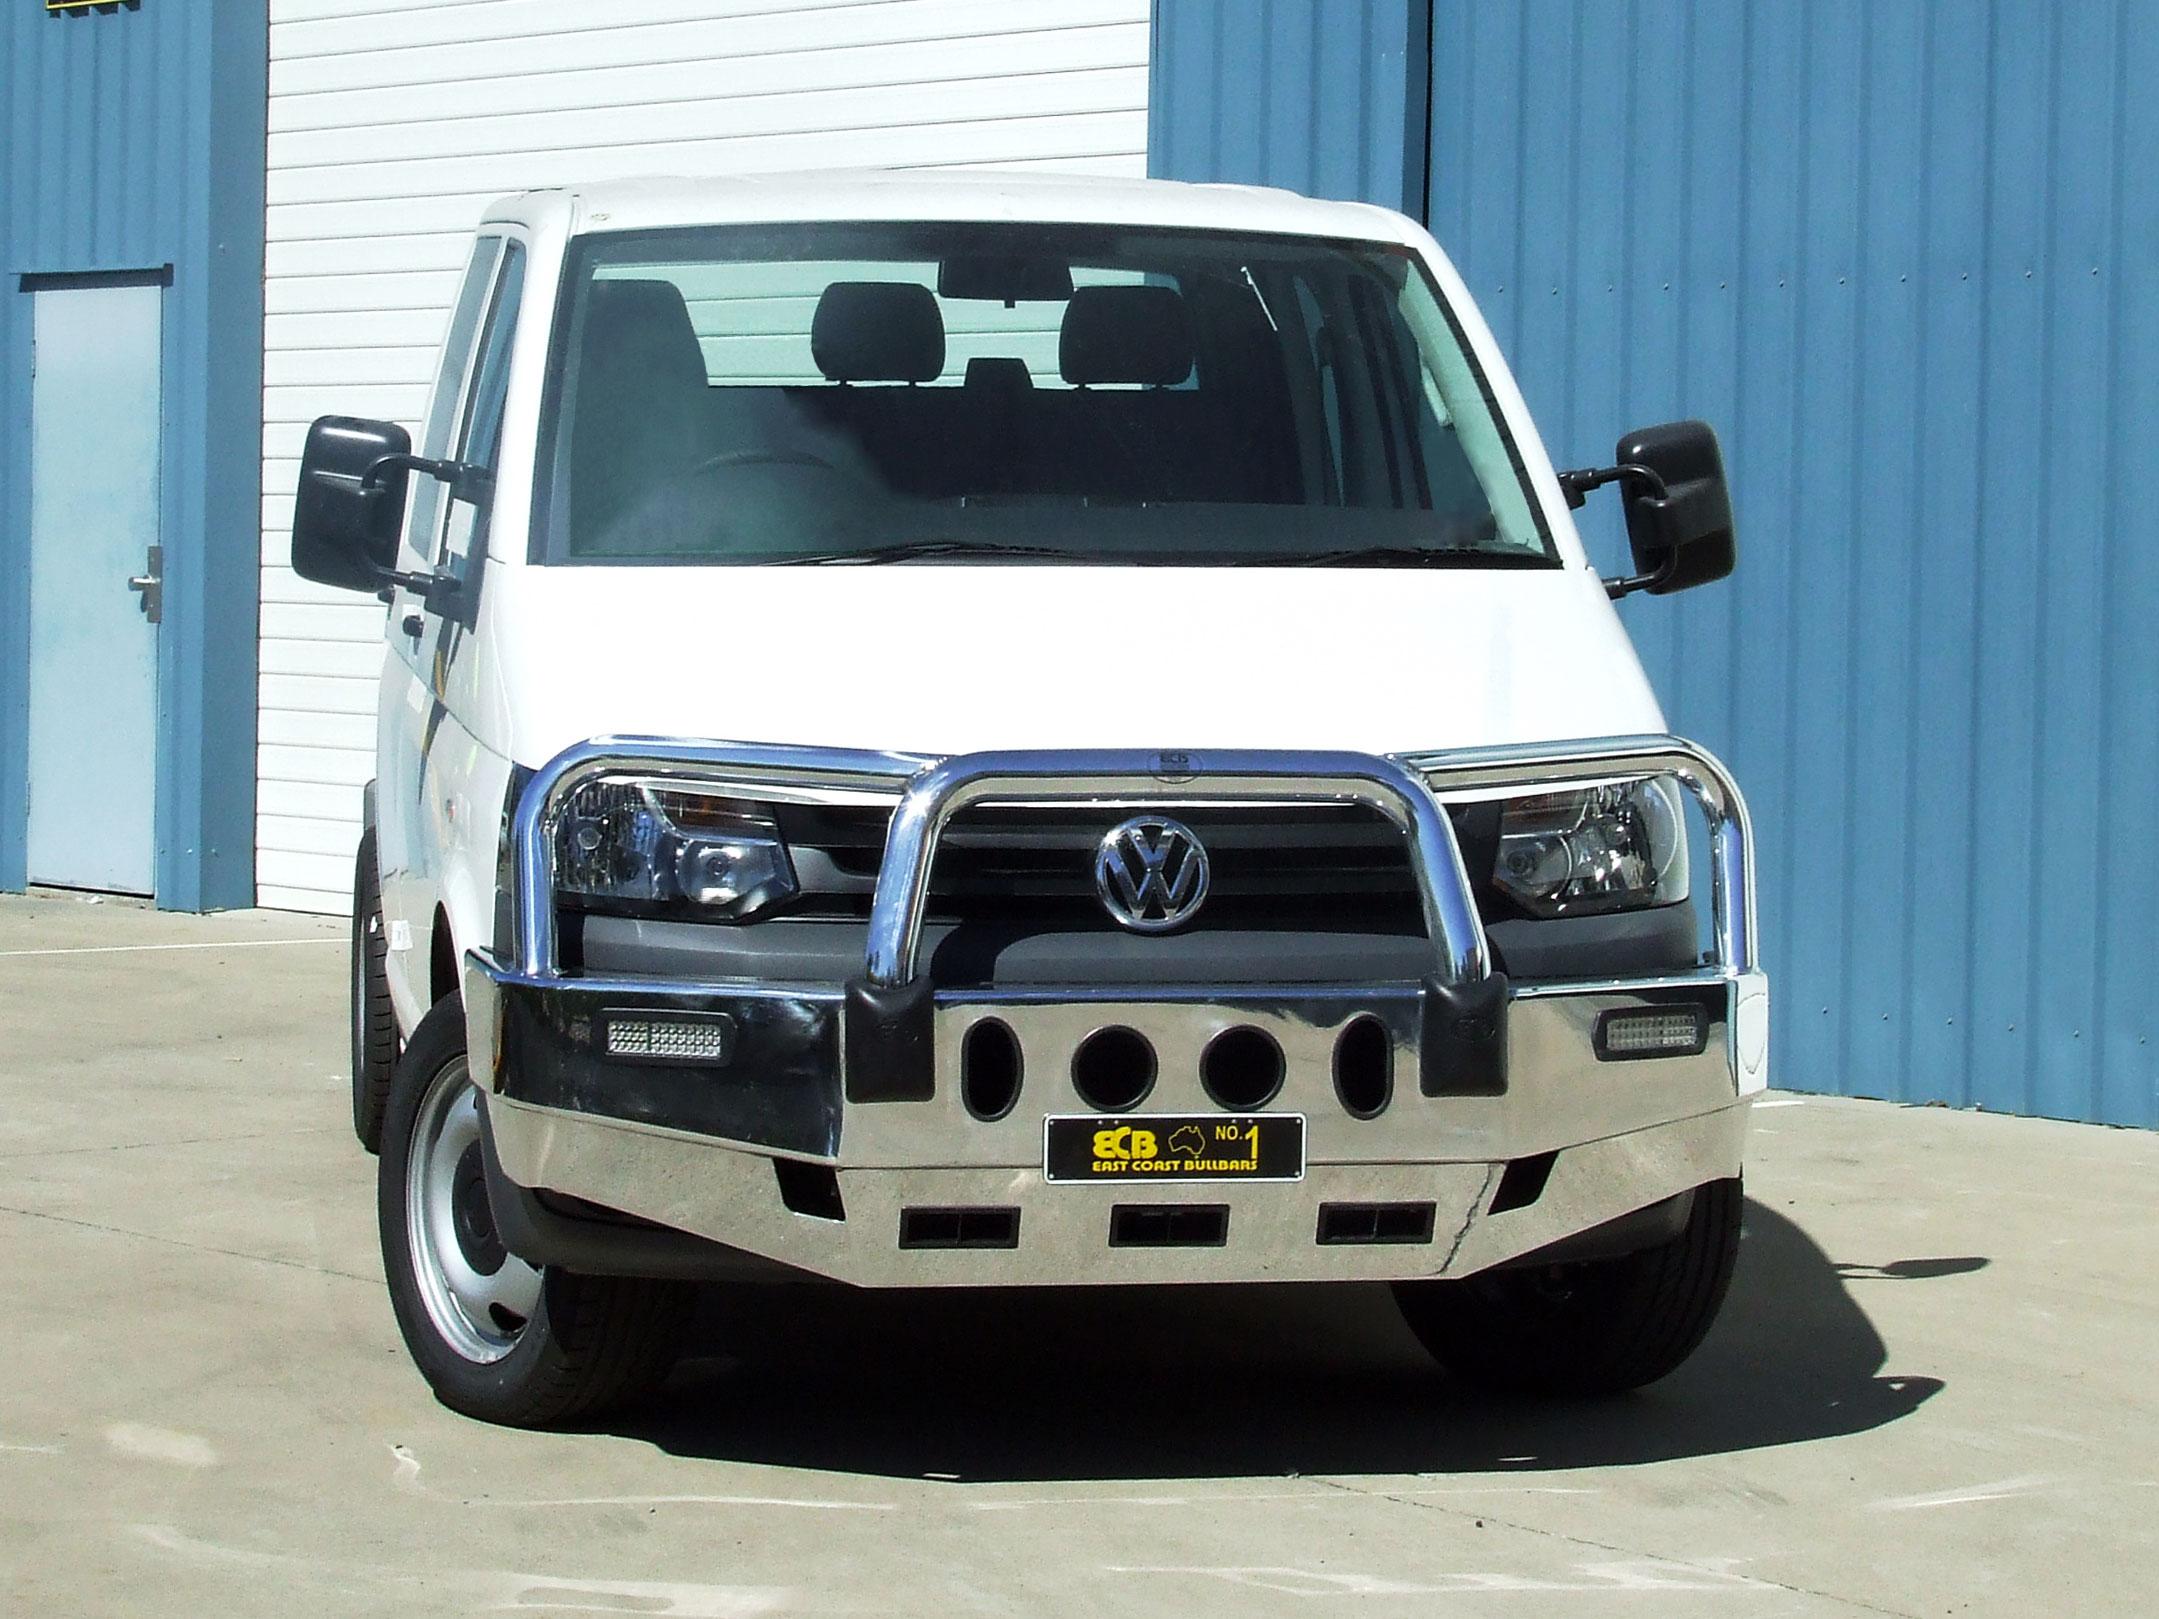 Volkswagen Transporter | Australian Bull Bars